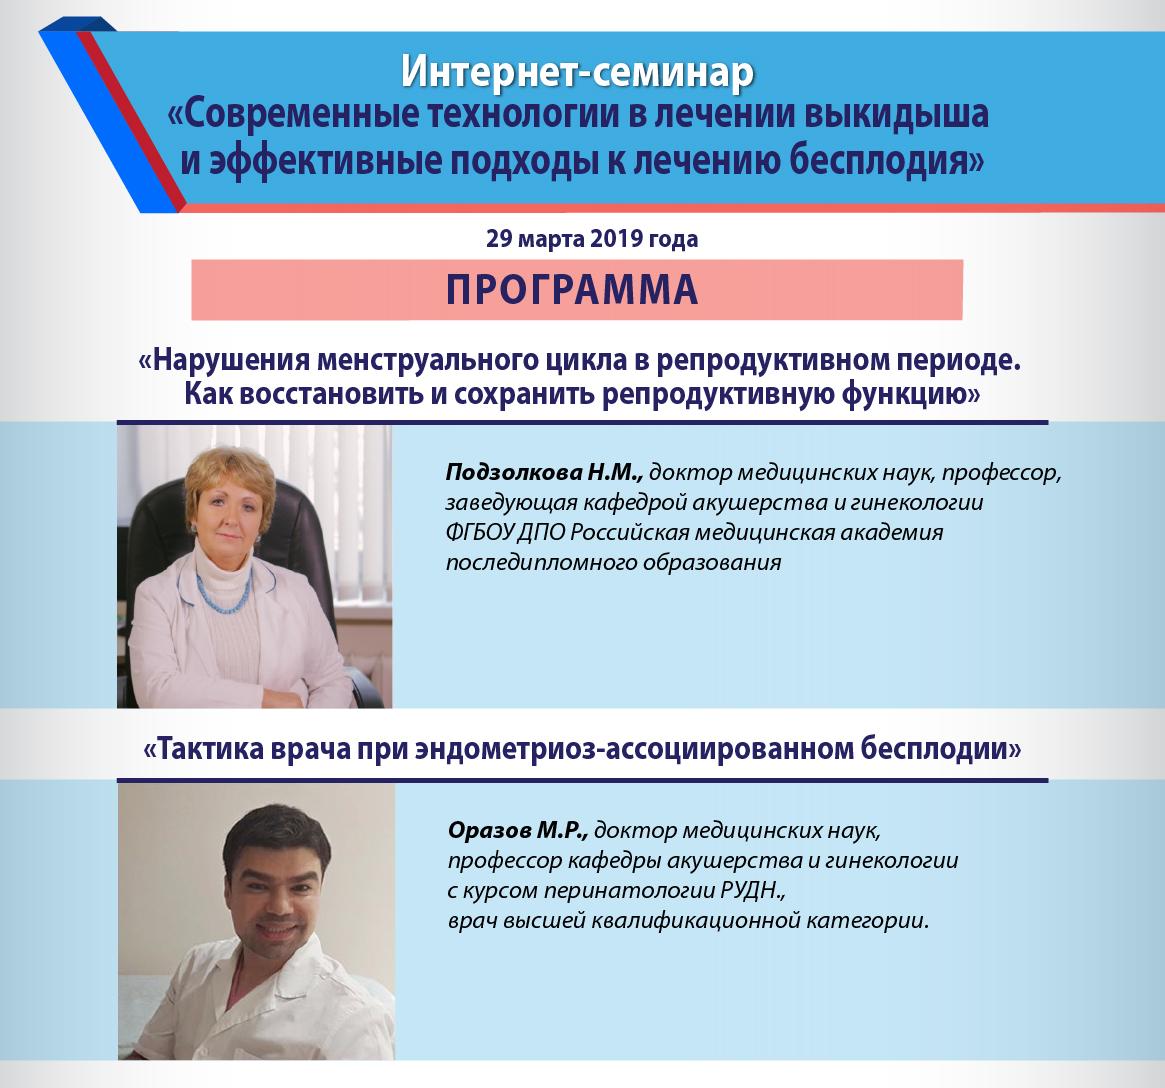 Интернет-семинар «Современные технологии в лечении выкидыша и эффективные подходы к лечению бесплодия»